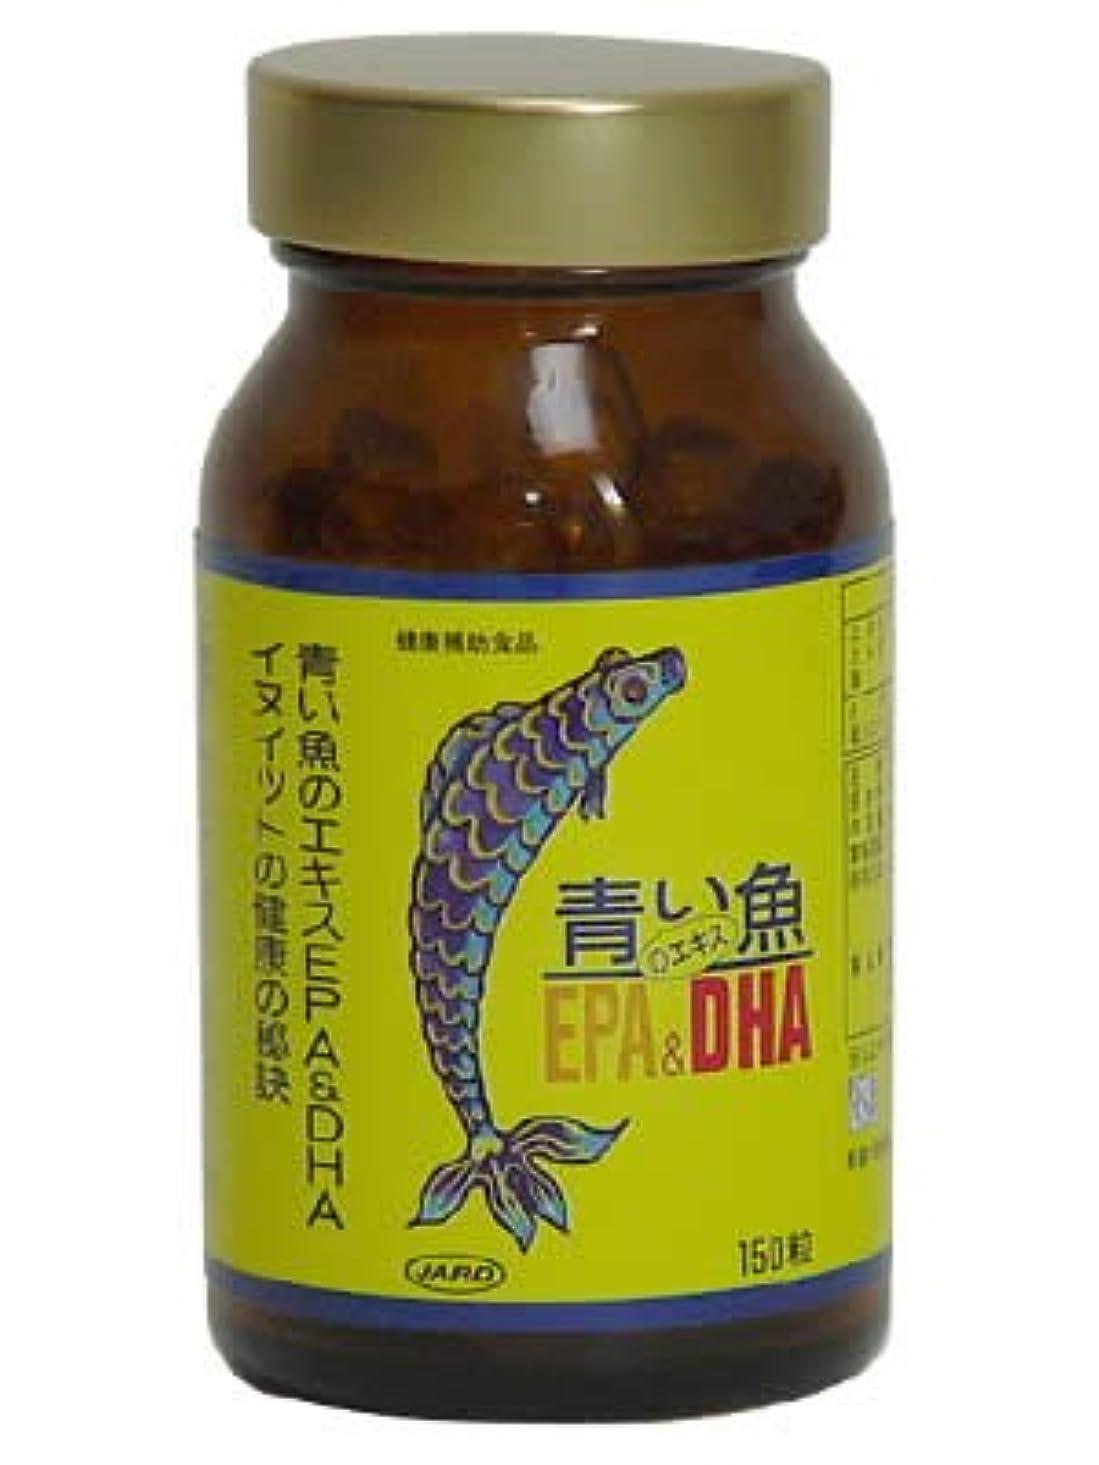 感情の新年セーブ青い魚のエキスEPA&DHA【6本セット】ジャード